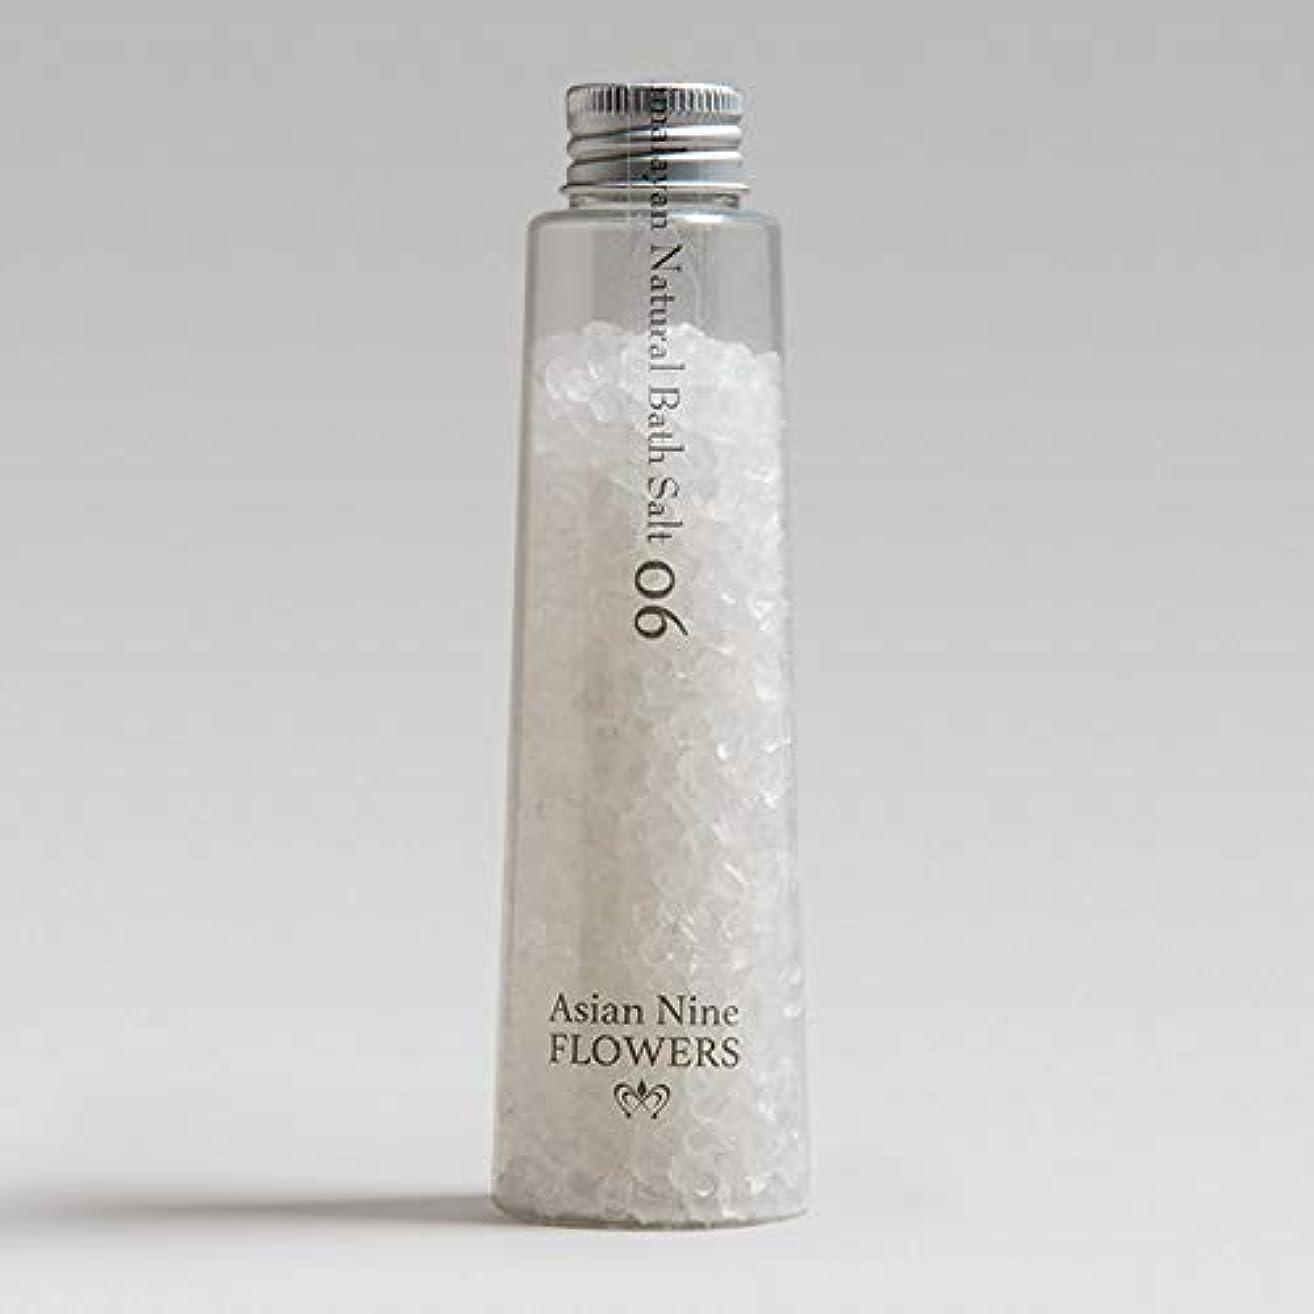 利益瞑想するかもしれないROSEBAY アロマバスソルト ボトルタイプ170g アジアンナインフラワーズ